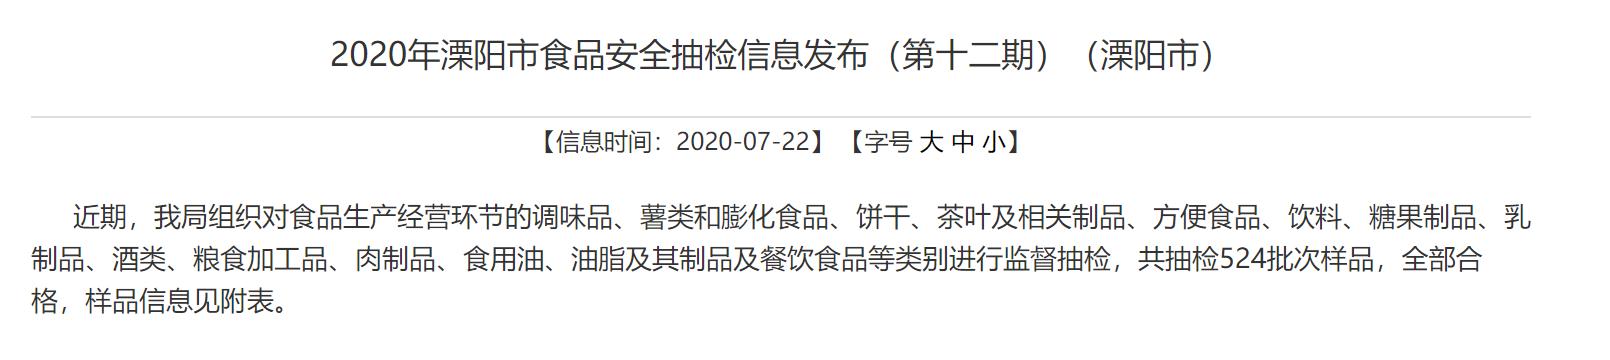 江苏省溧阳市市场监管局发布2020